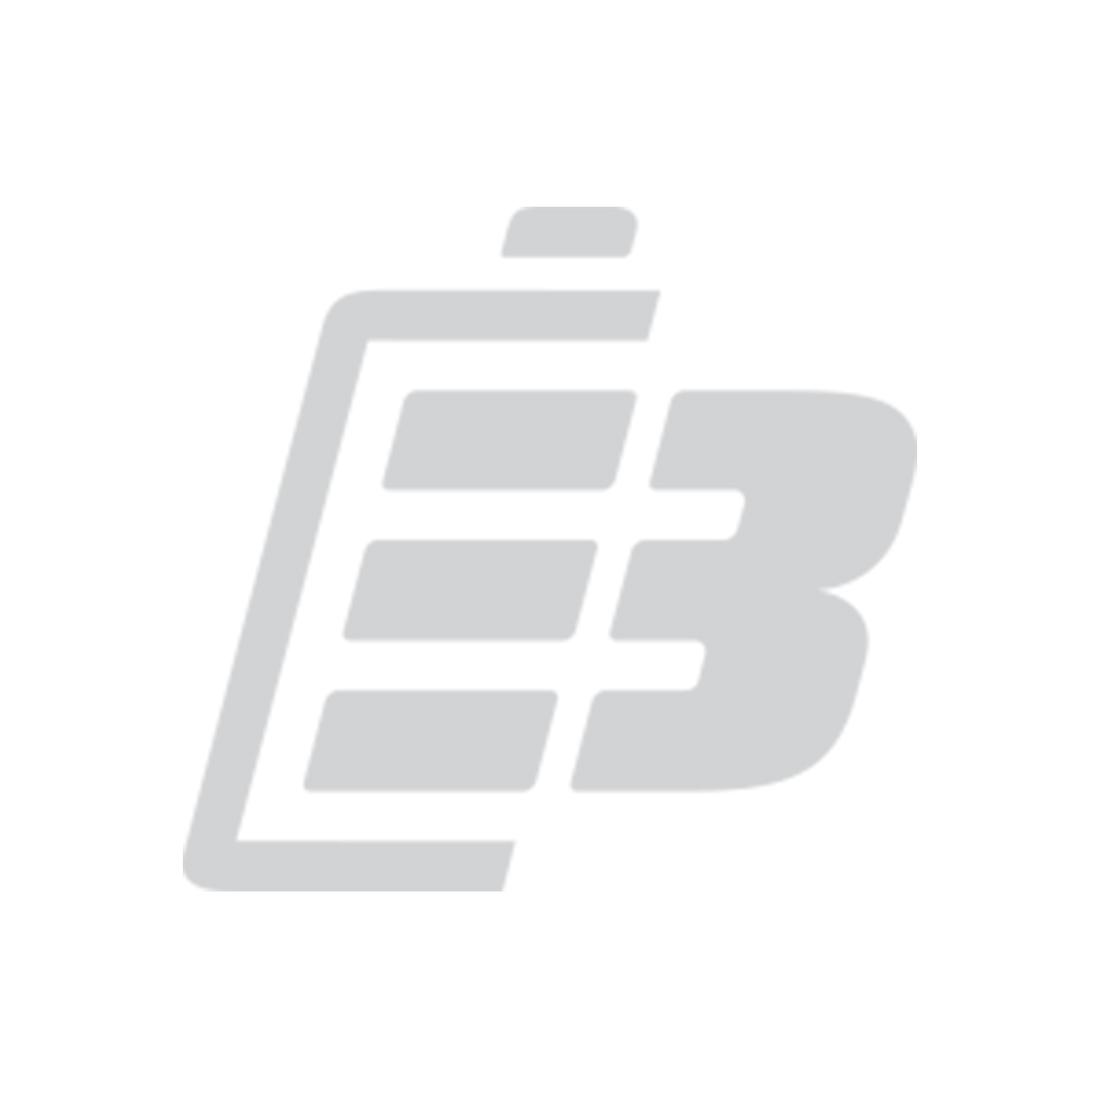 Crane remote control battery Cavotec MC-3000_1